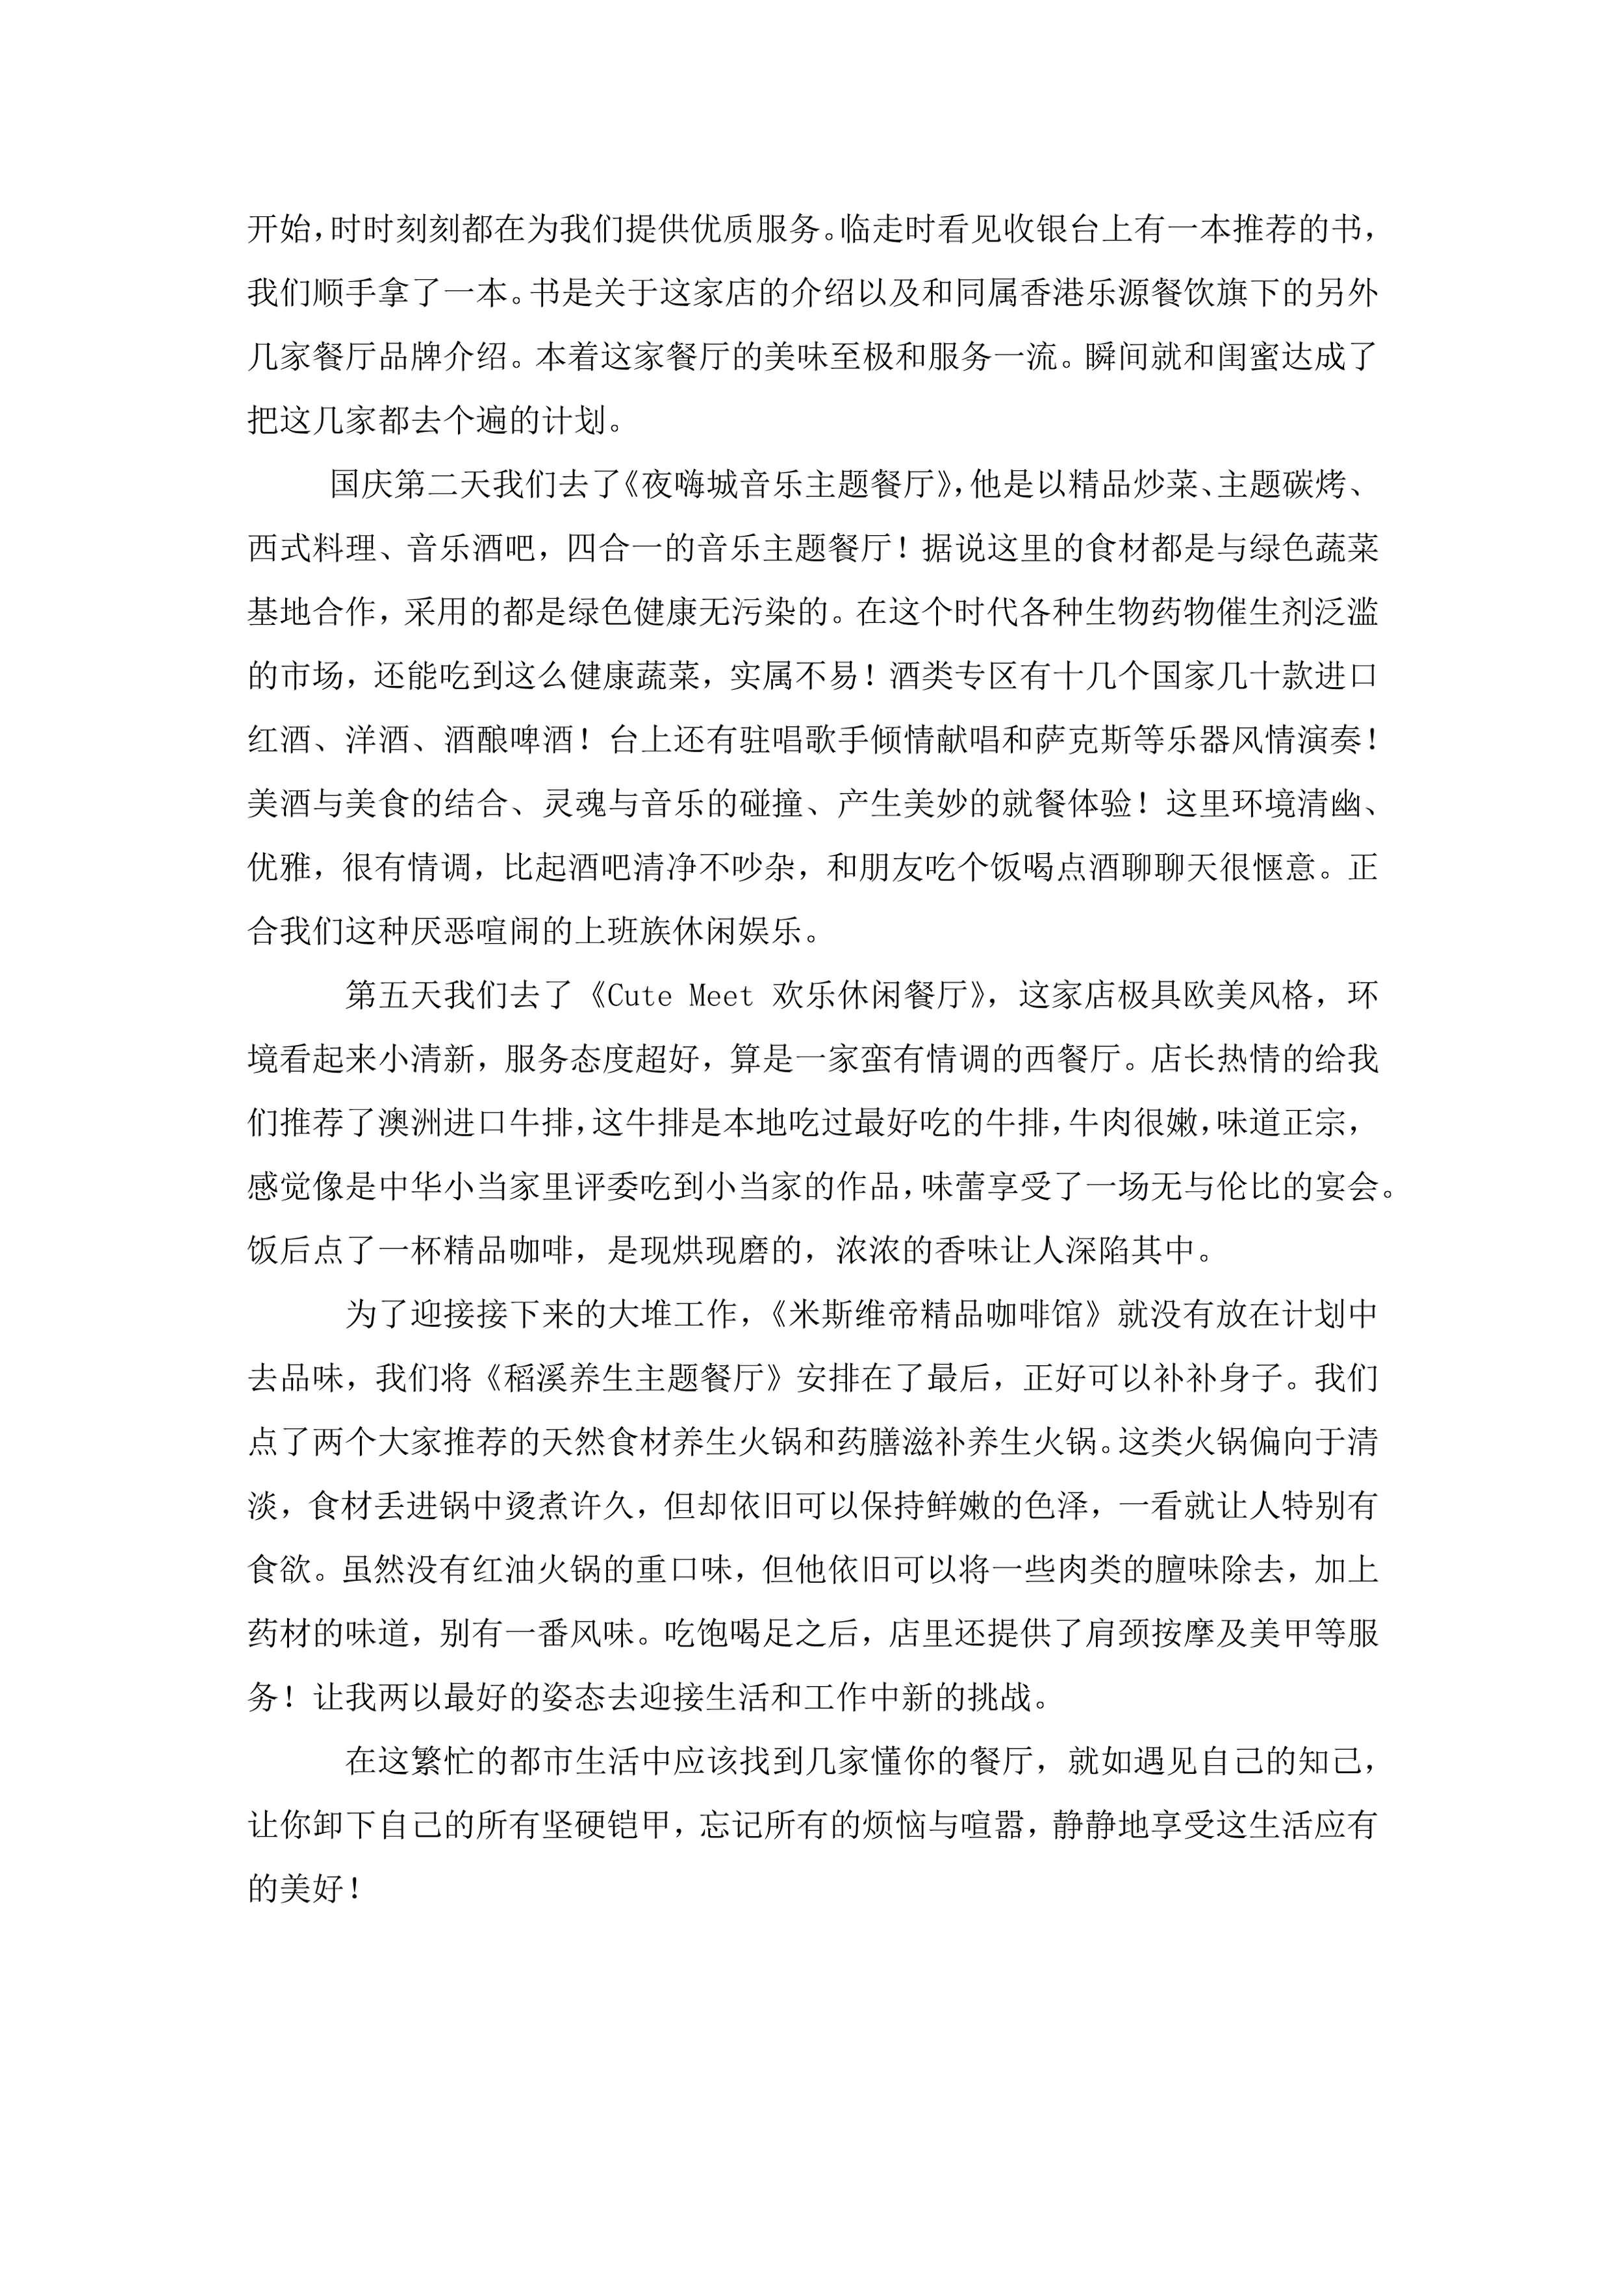 香港樂源餐飲集團有限公司6